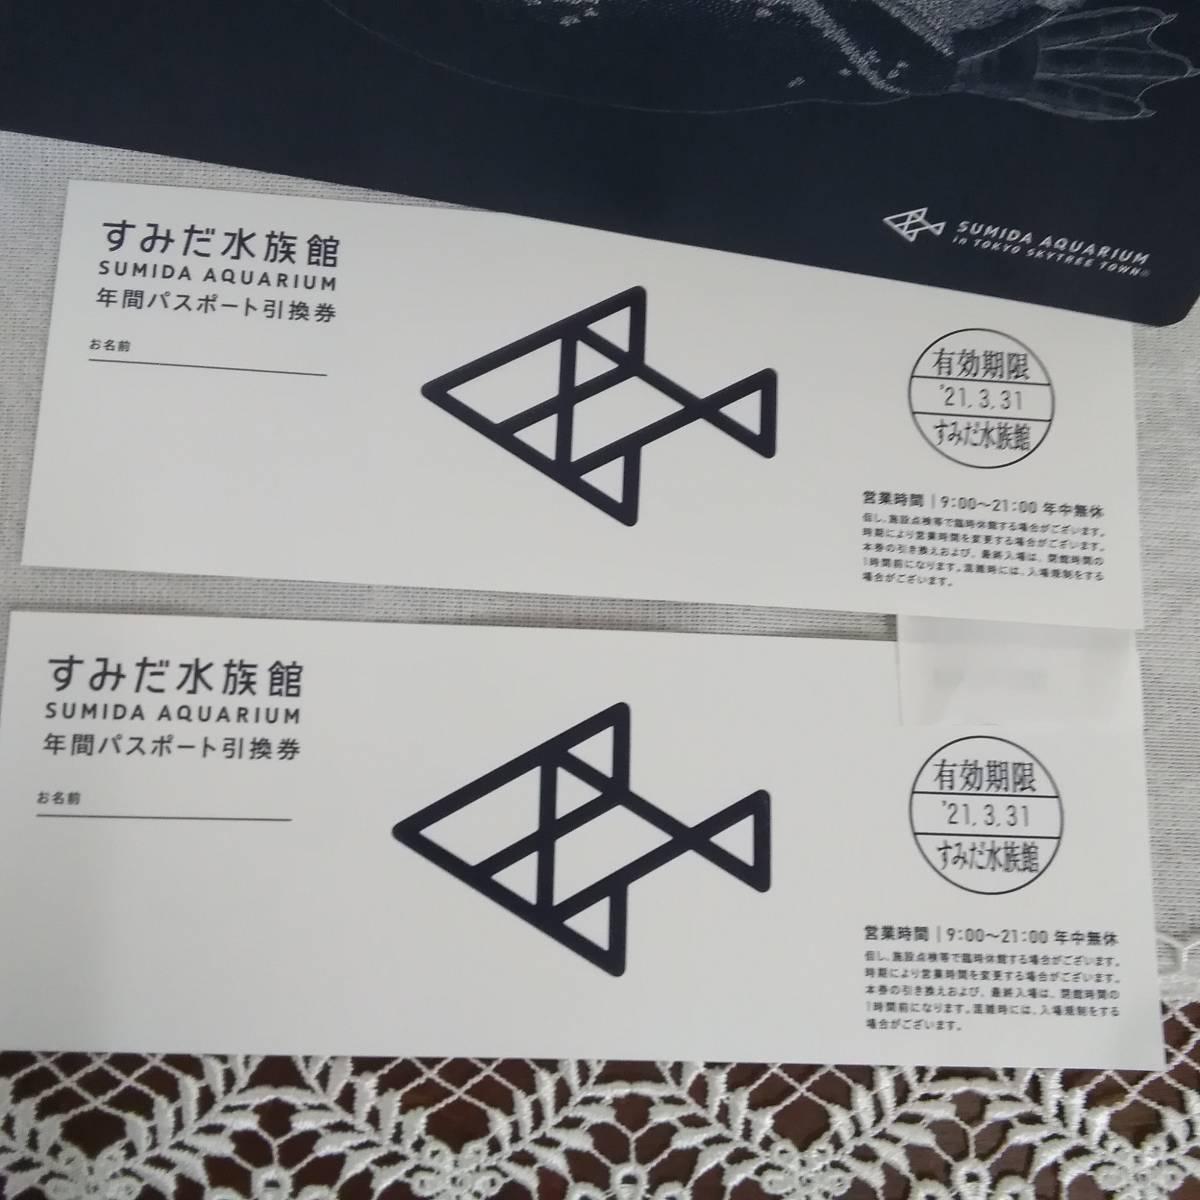 【最新】ミニレター送料無料★すみだ水族館 年間パスポート 引換券 2枚 オリックス株主優待 ①_画像1